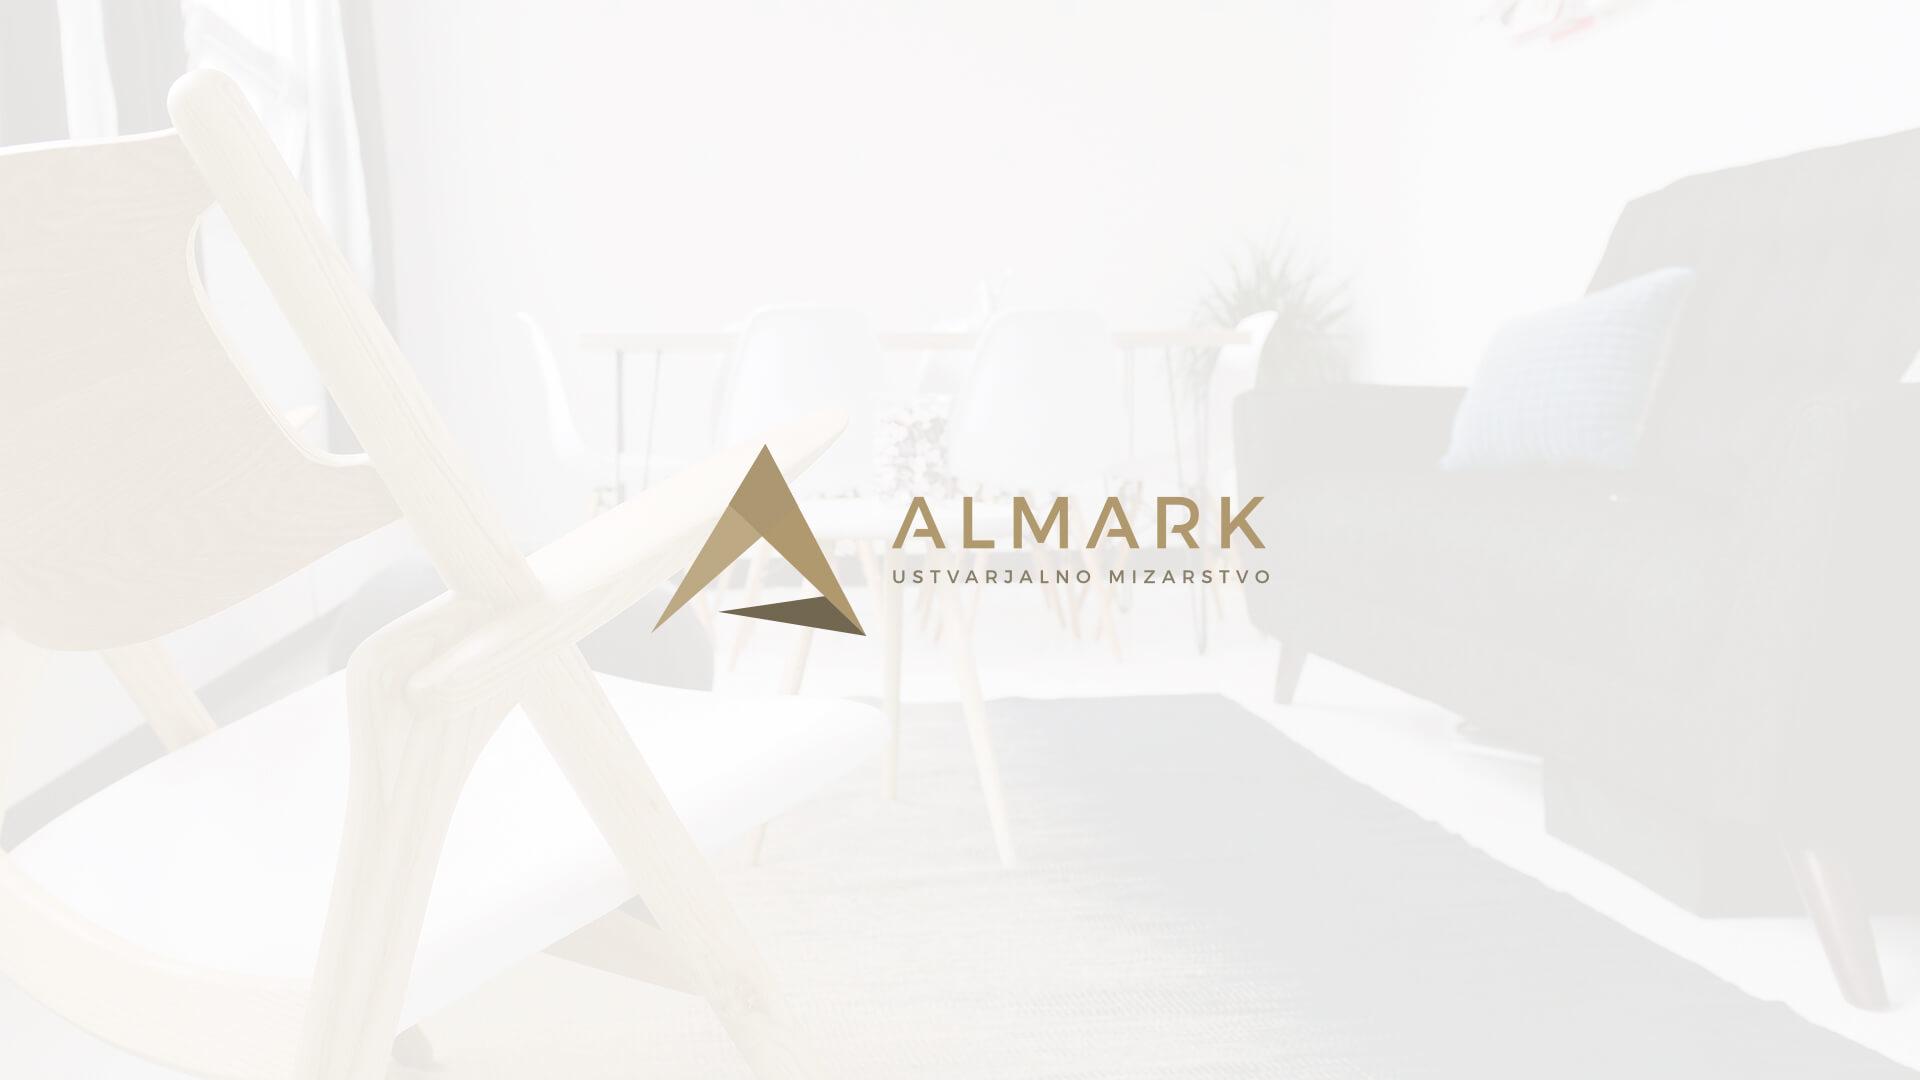 Almark